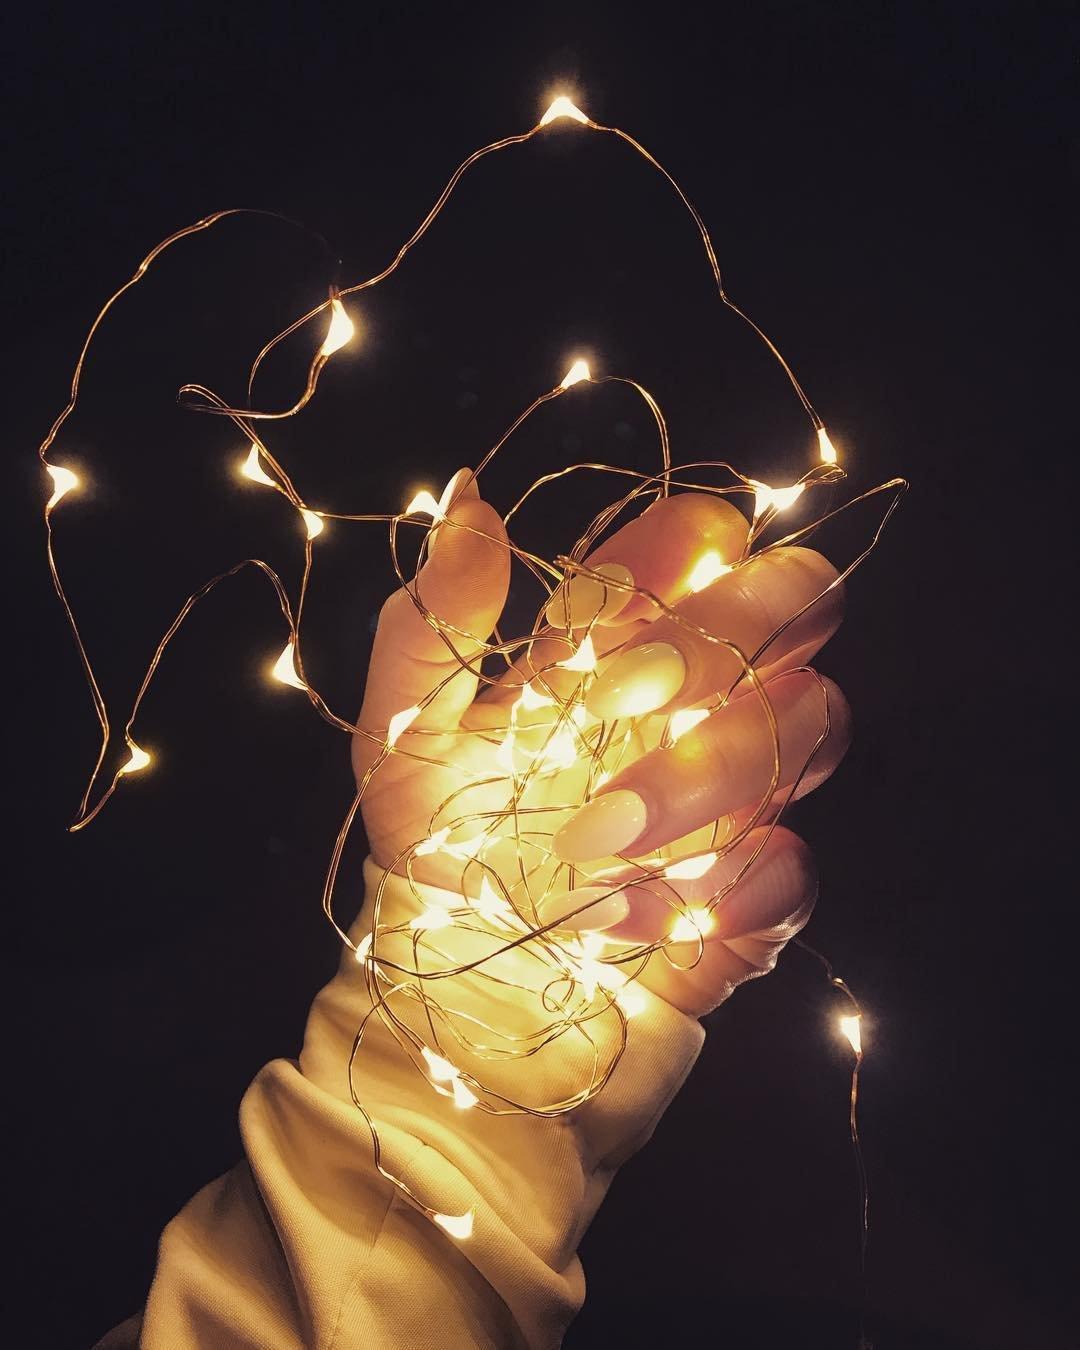 200//300ER LED Micro Plata Alambre guirnalda Decoraci/ón Corriente operativos iluminaci/ón para interior y exterior blanco c/álido gresonic Warmwei/ß 300 Led Timer Dimmbar 8 Modes